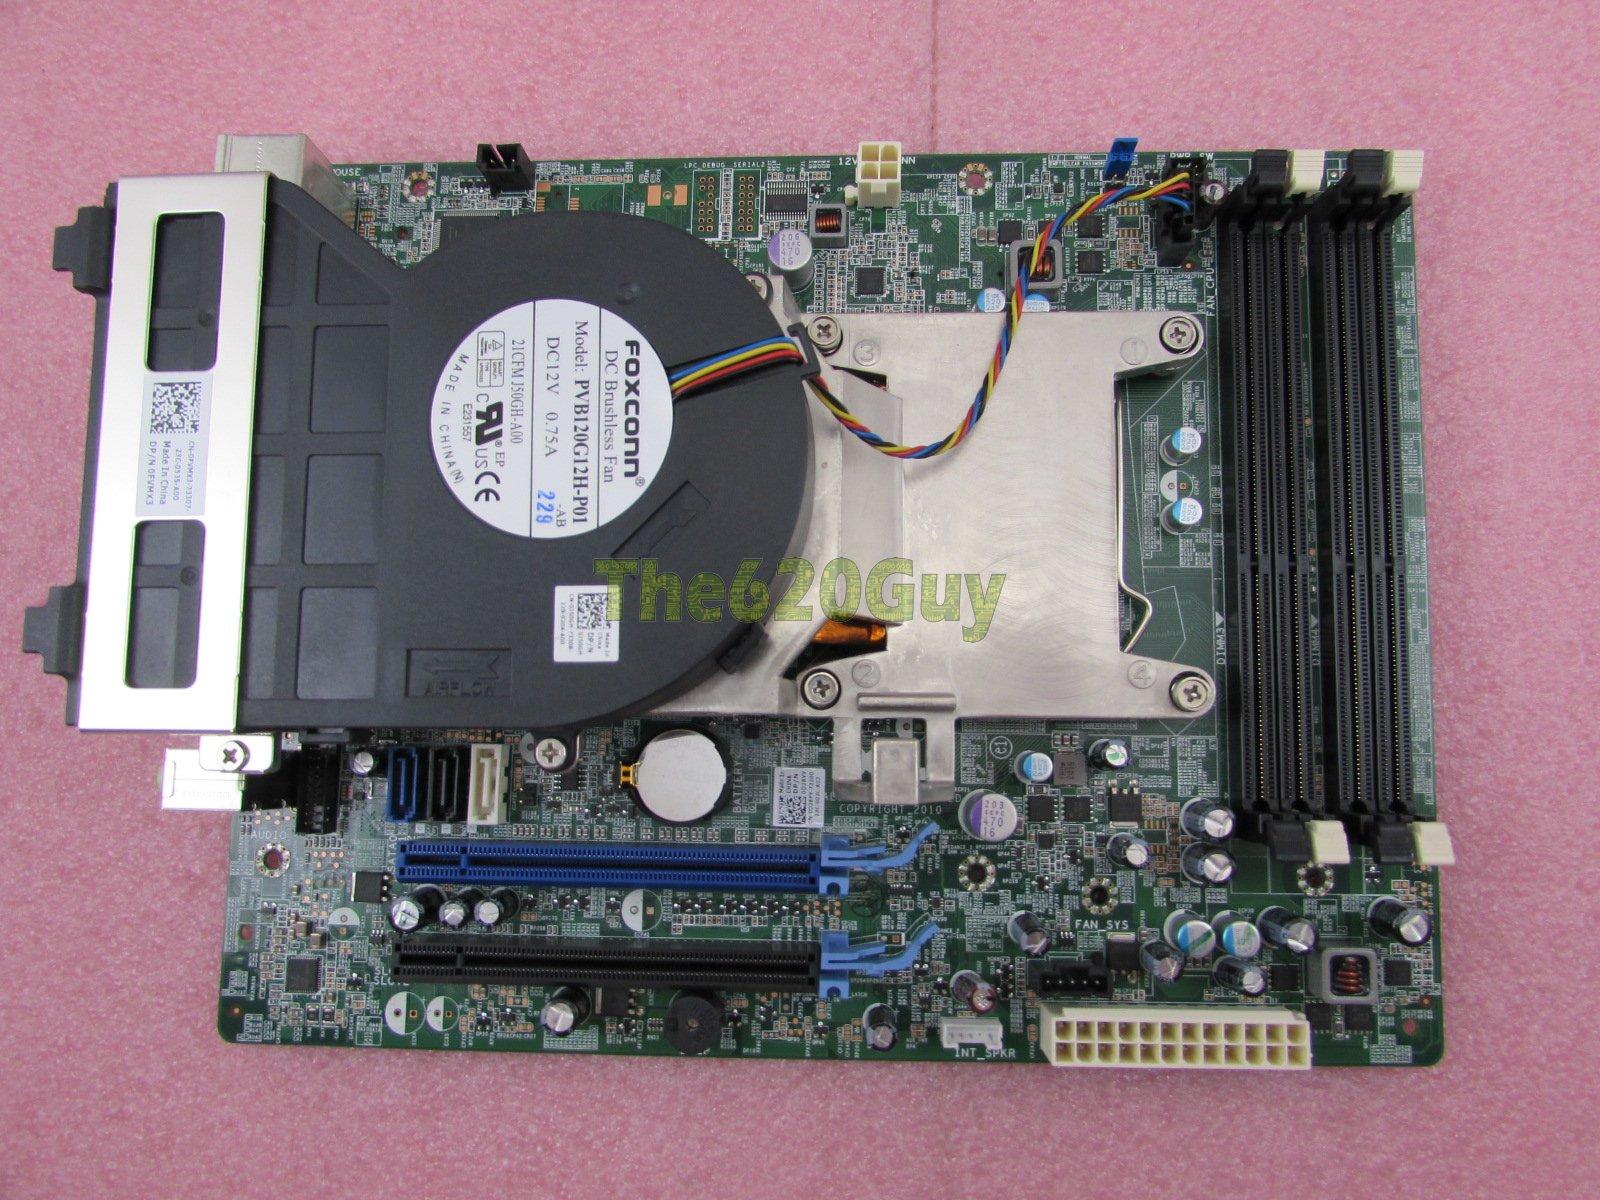 Dell OptiPlex 790 SFF Motherboard D28YY + Core i5-2400 3 1GHz CPU +  Heatsink Fan